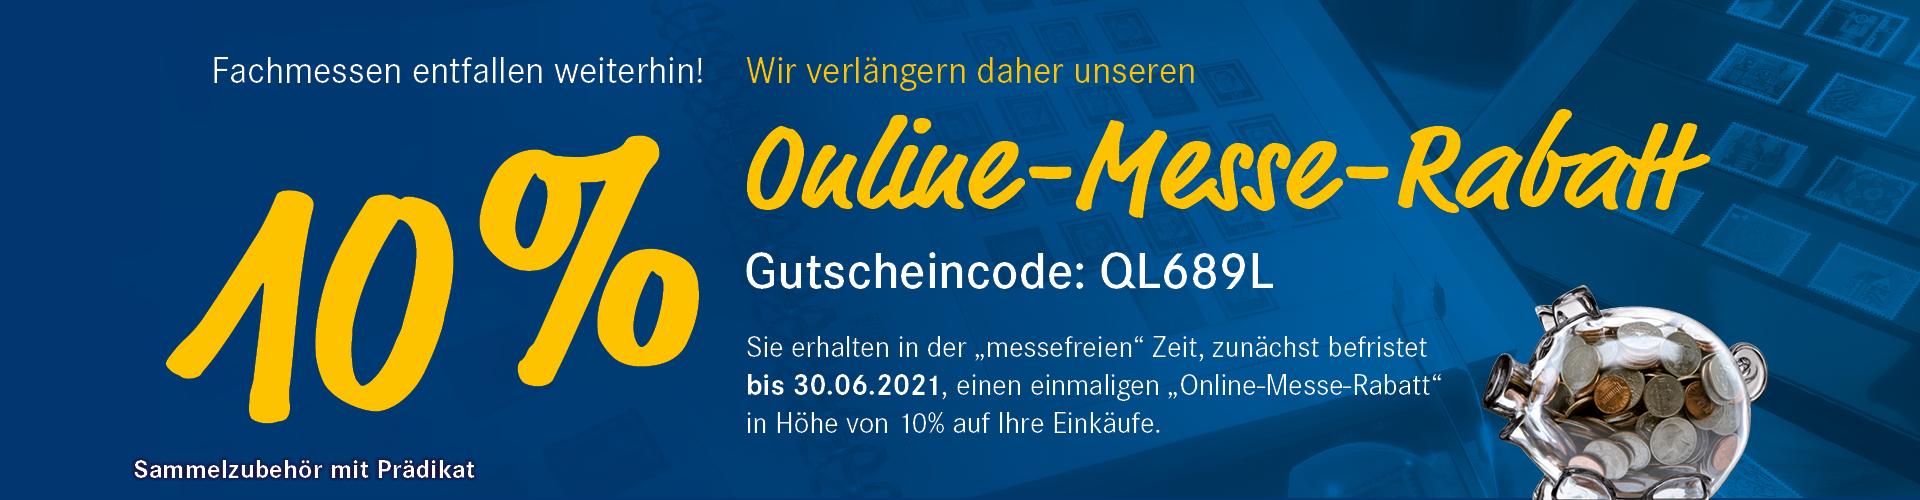 10% Online-Messe-Rabatt